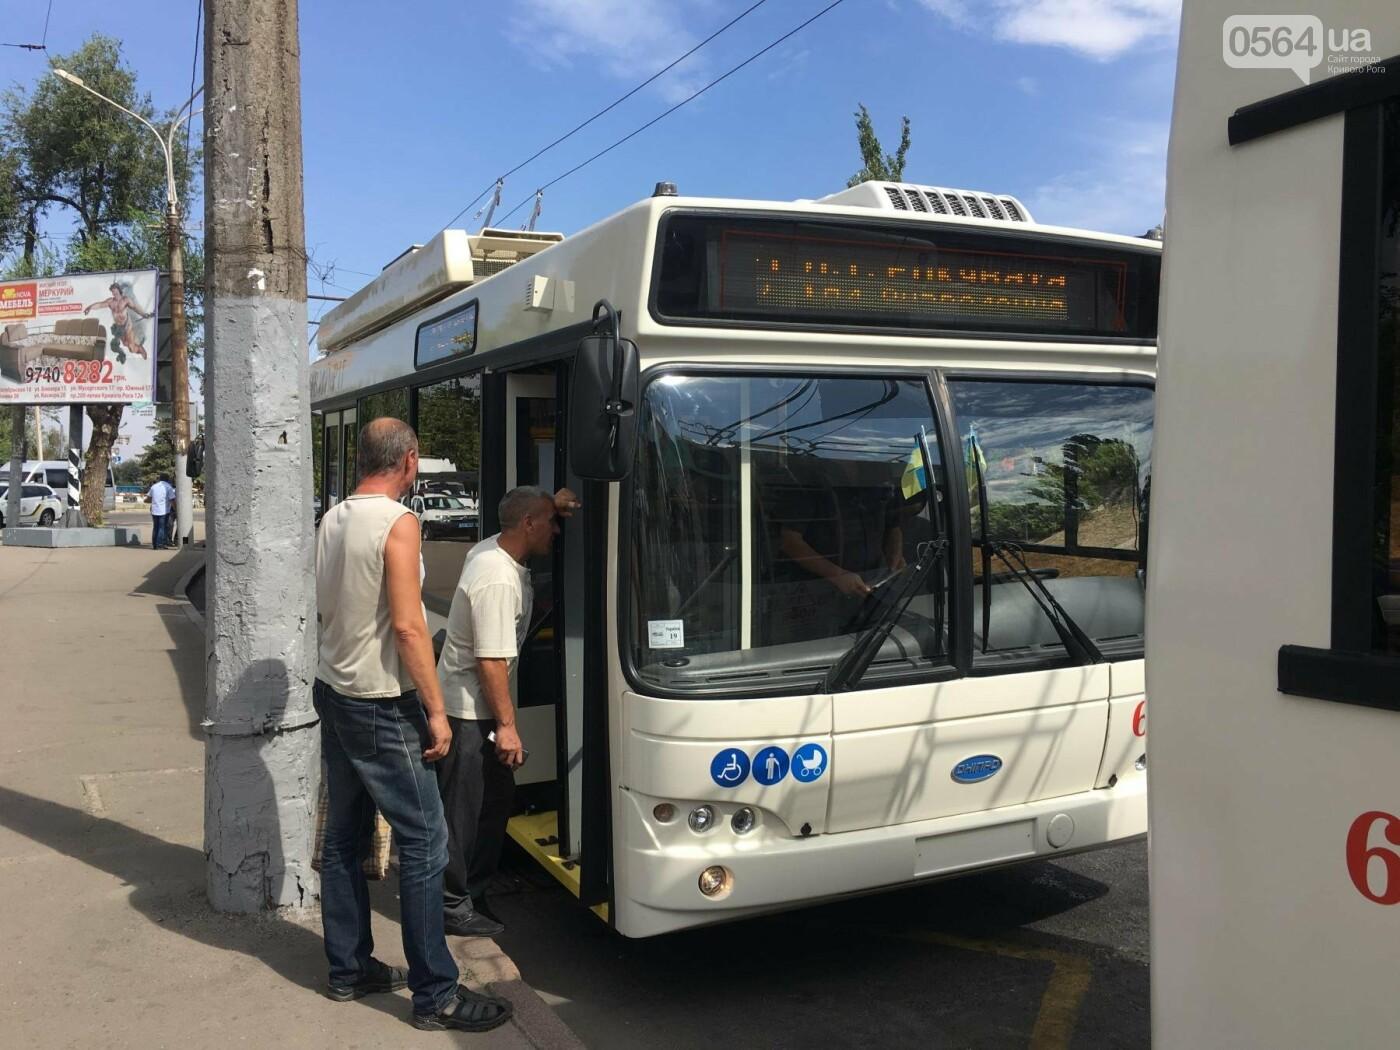 В Кривом Роге выпустили на линию новые троллейбусы и уже думают, как и сохранить их белыми и чистыми, - ФОТО, ВИДЕО, фото-30